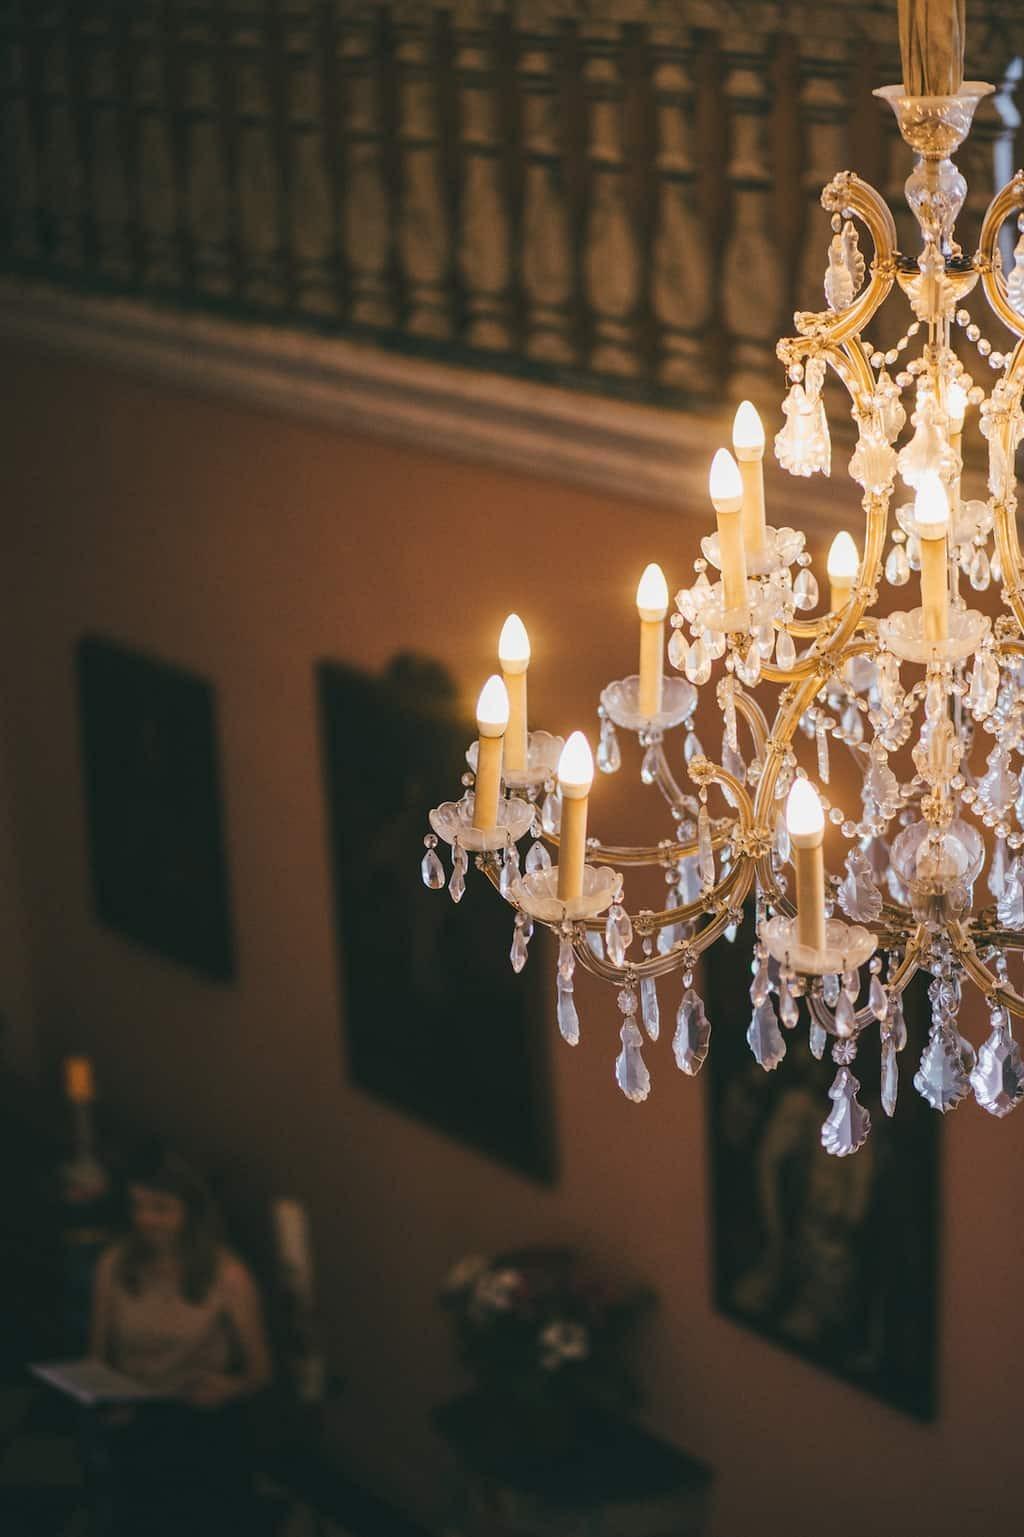 Hochzeit von Tine und Phillip in Münster: Kronleuchter in der Kirche